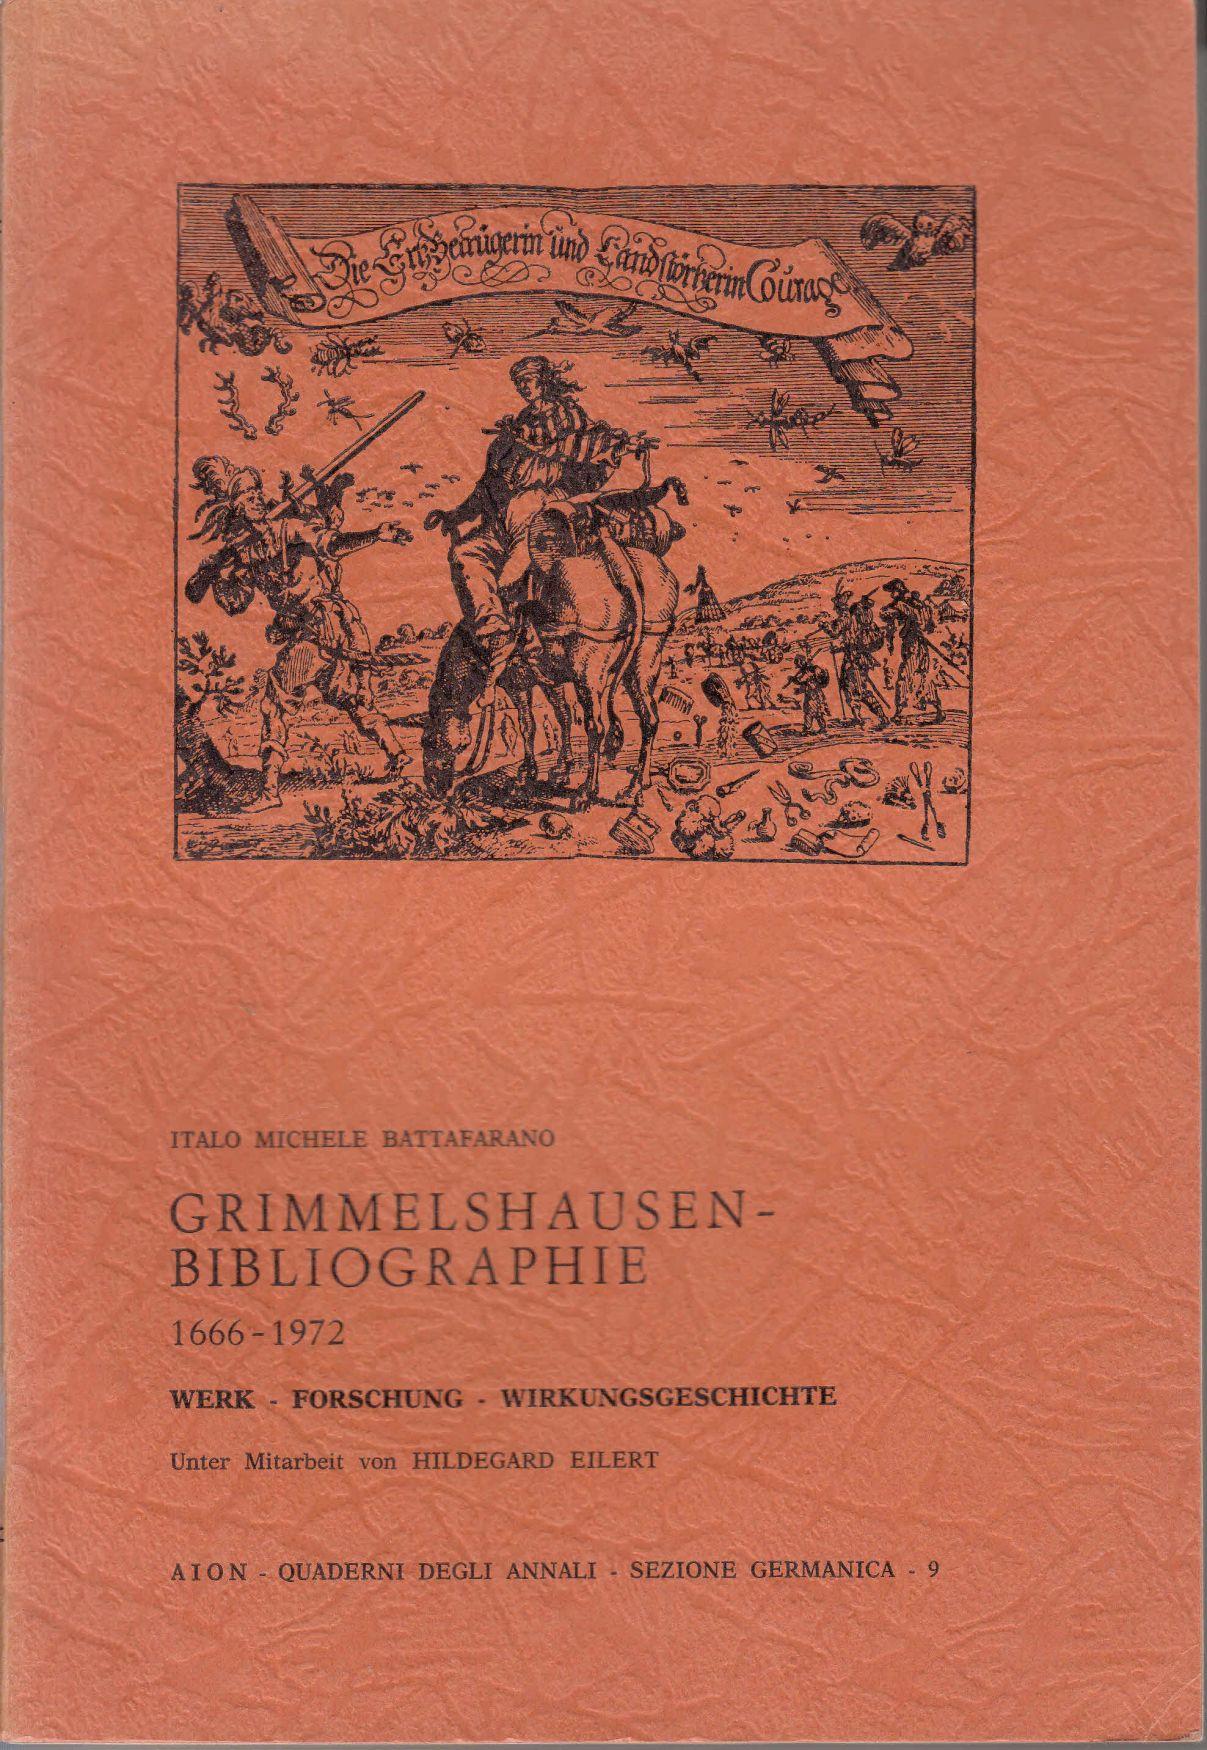 Grimmelshausen-Bibliographie 1666-1972: Werk. Forschung. Wirkungsgeschichte. -: Battafarano, Italo Michele: